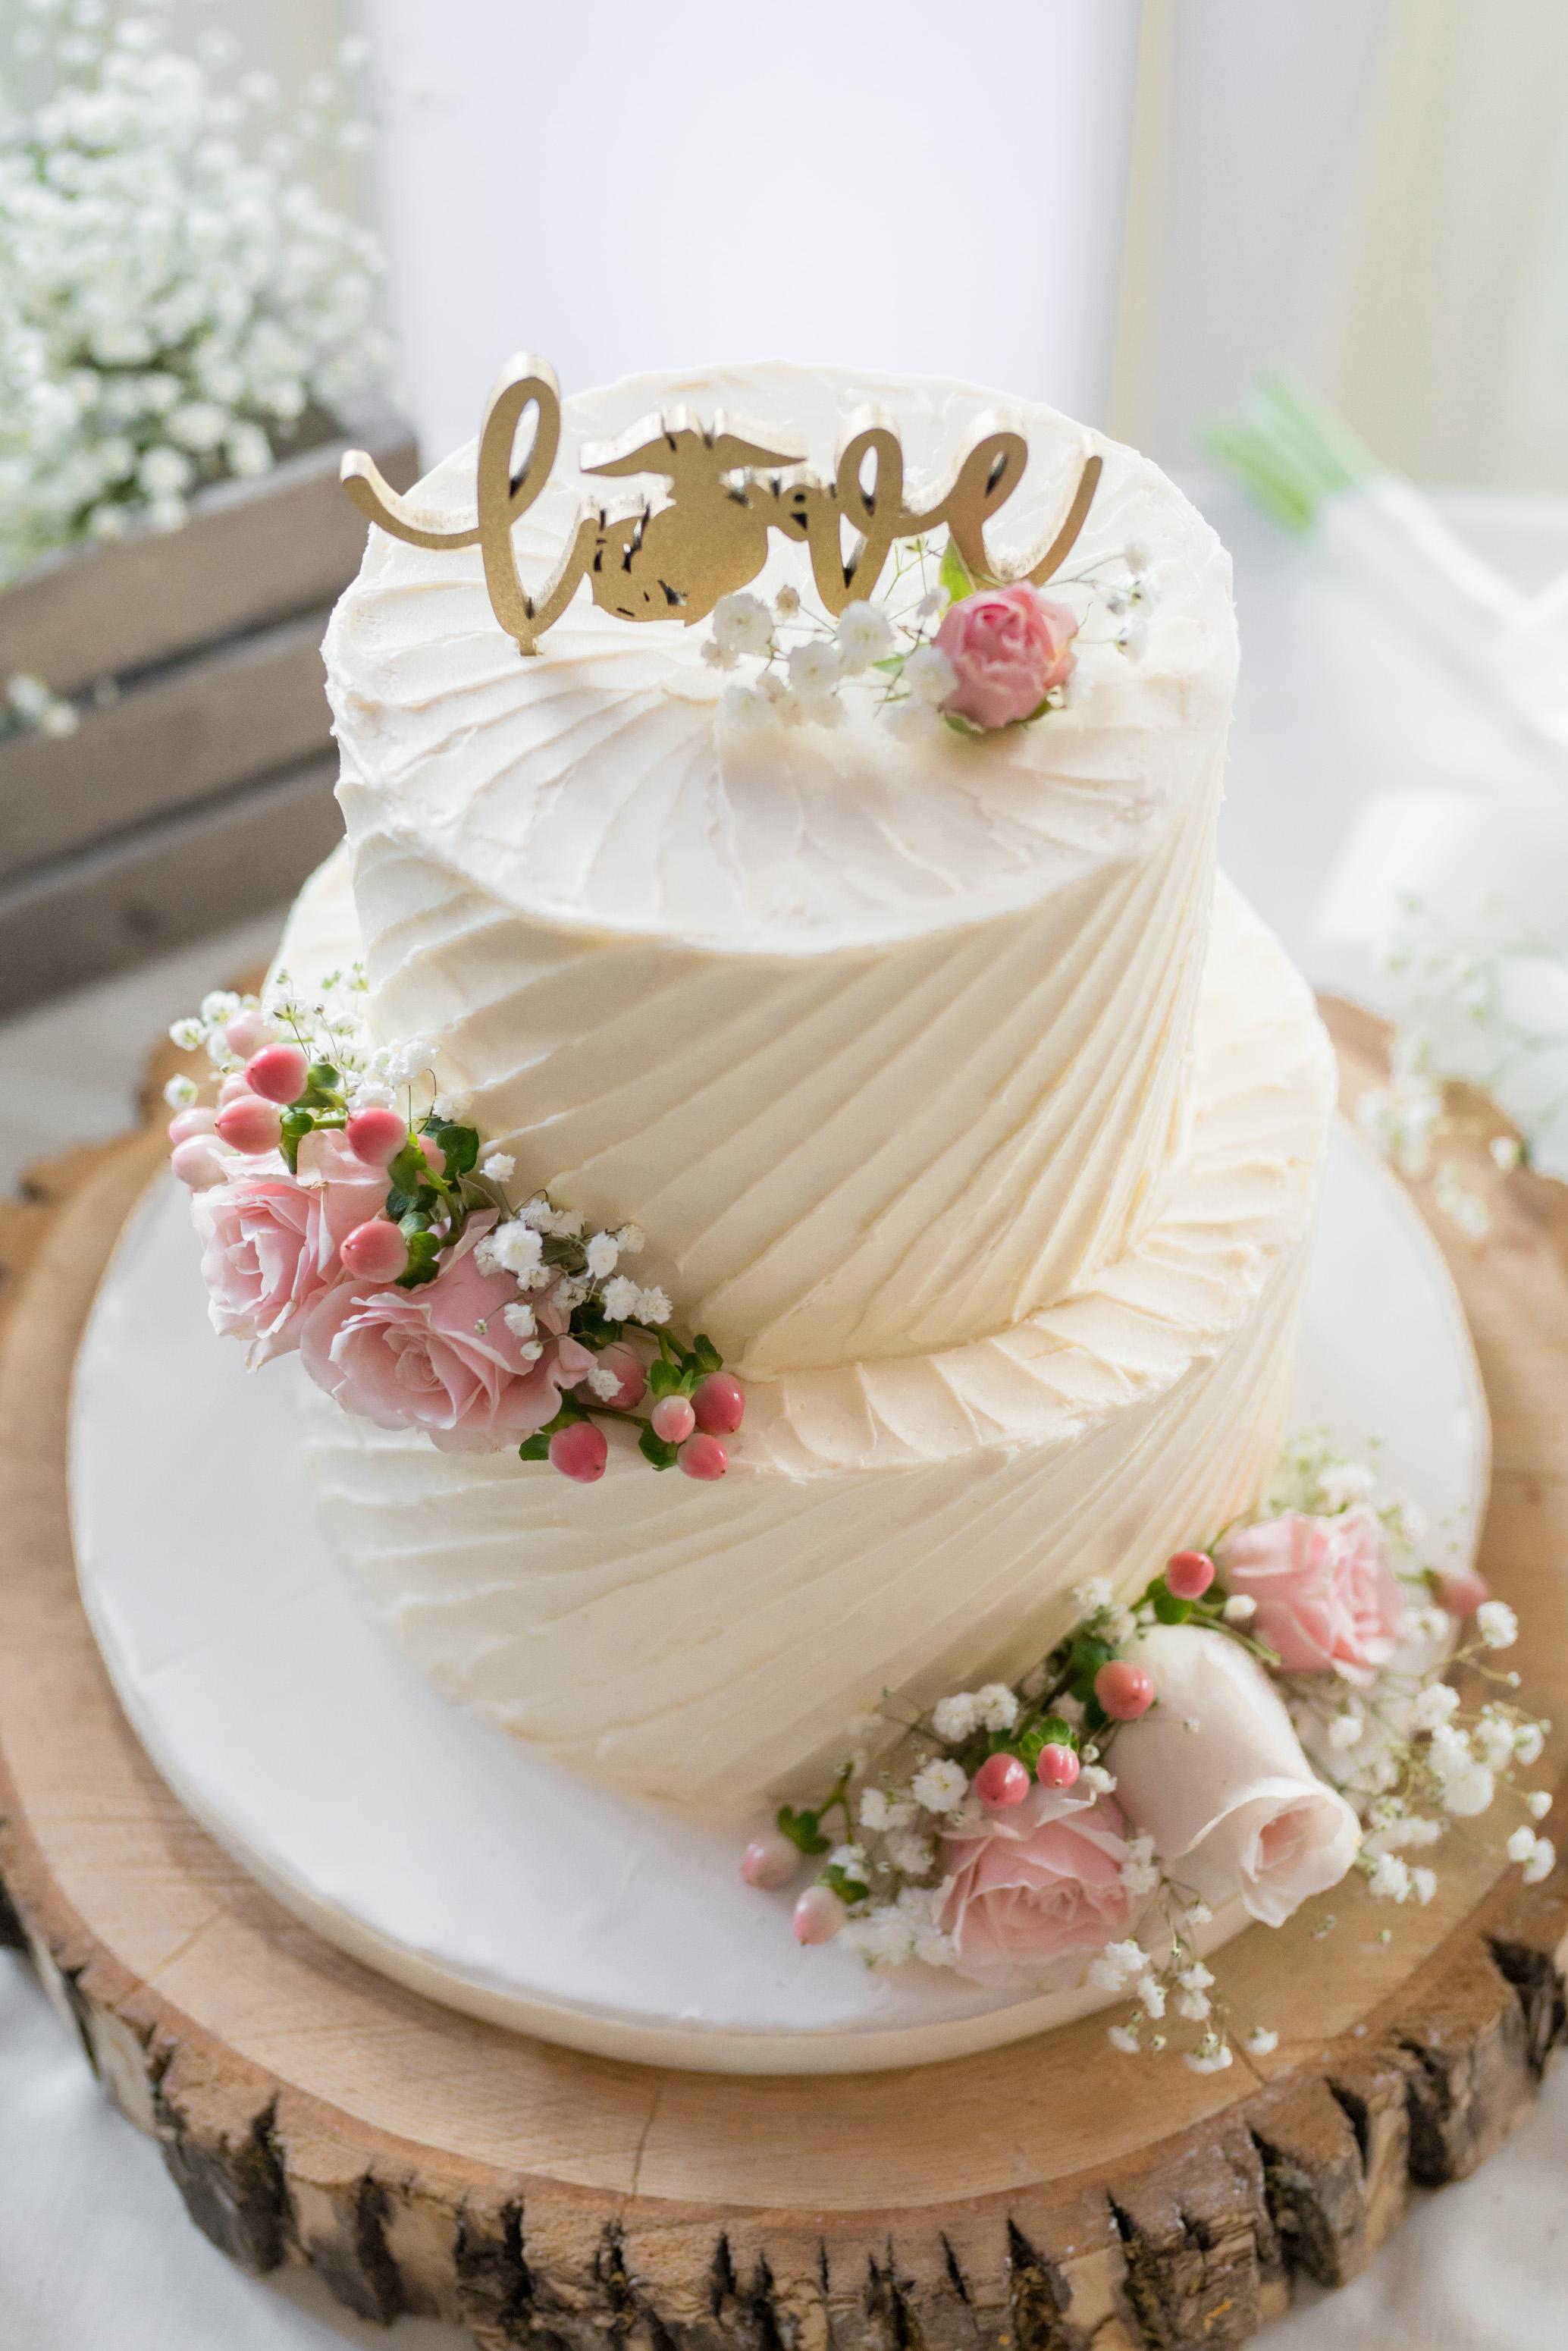 Wedding-cake-by-Gateau-in-Virginia-jessica-nazarova.jpg